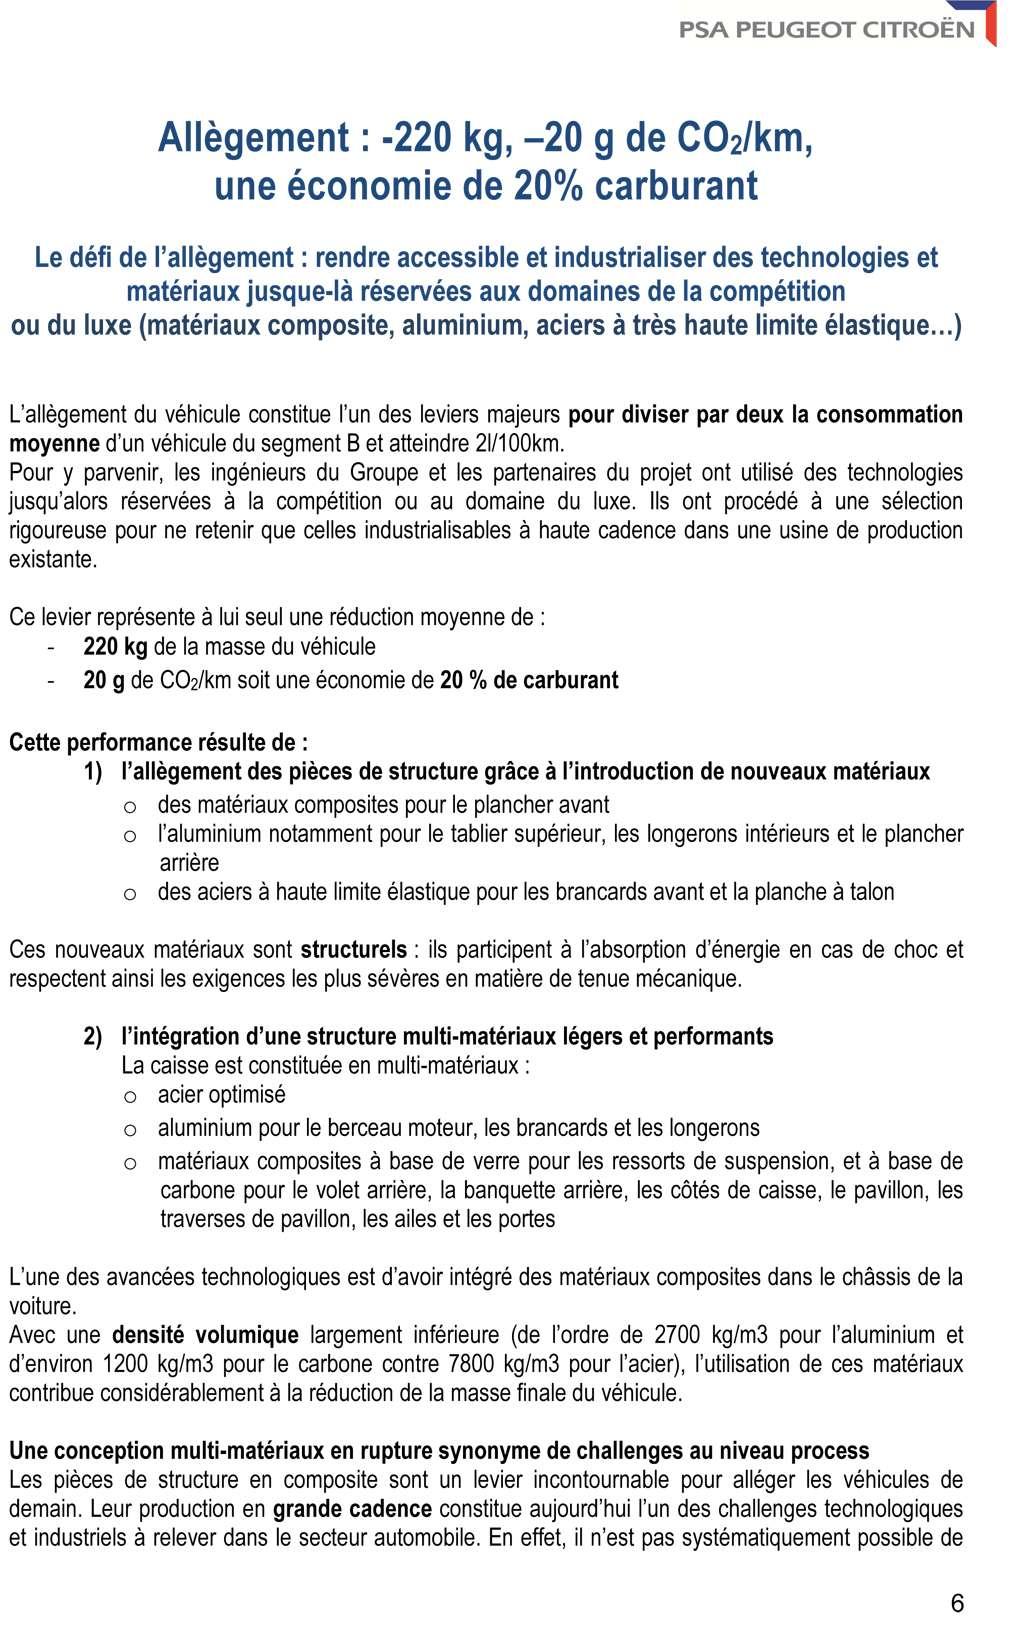 [INFORMATION] PSA: Les nouvelles technologies - Page 4 2014-114